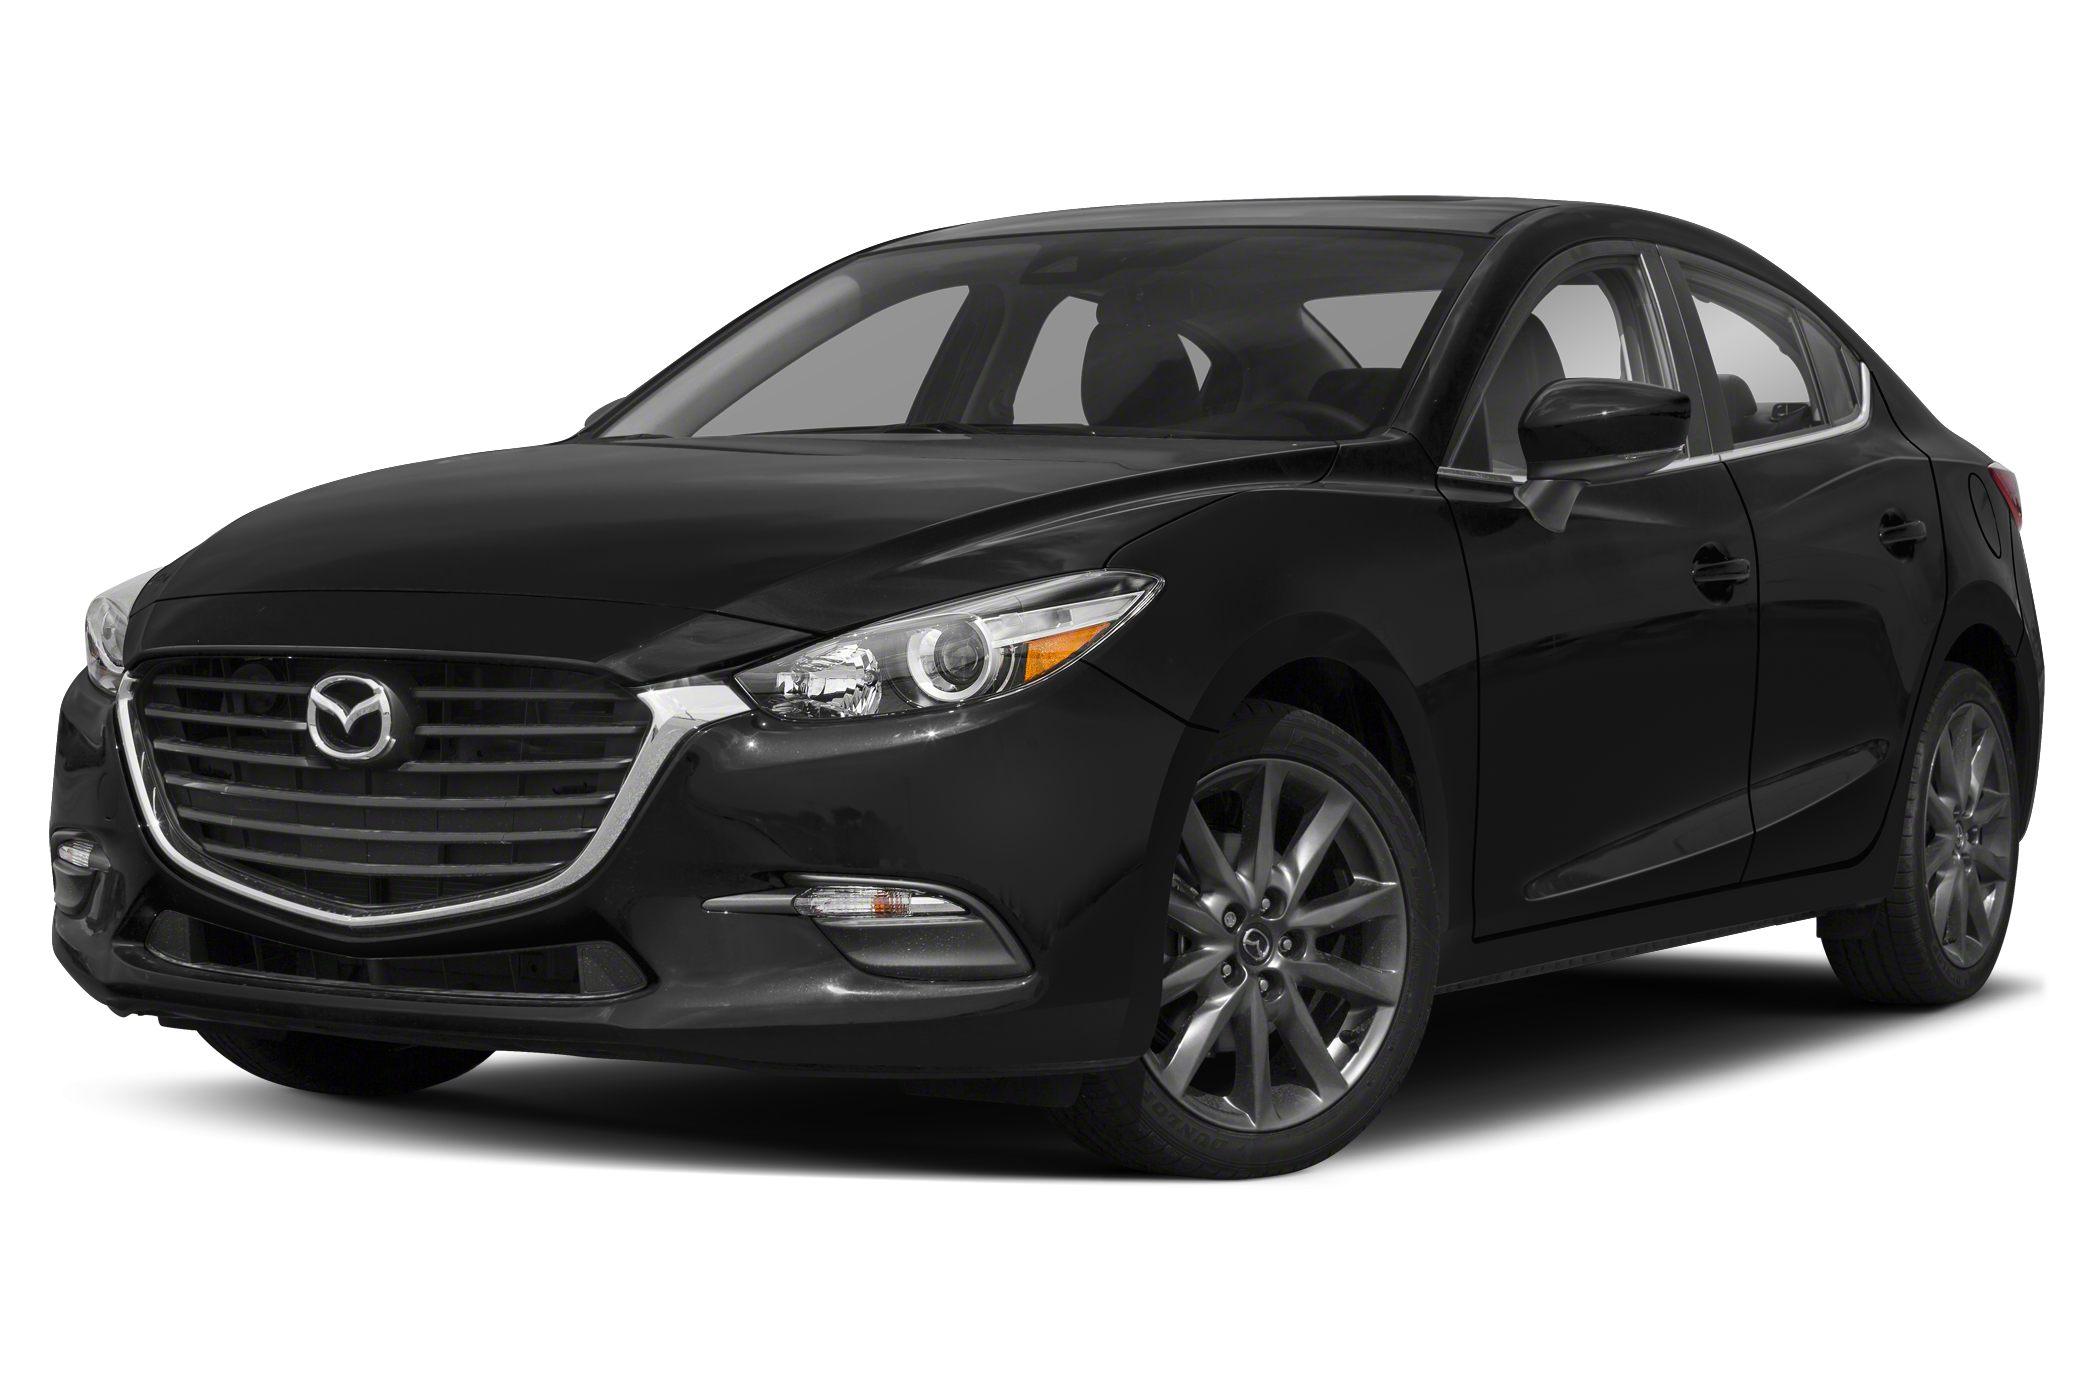 Kelebihan Mazda 3 Sedan 2018 Tangguh